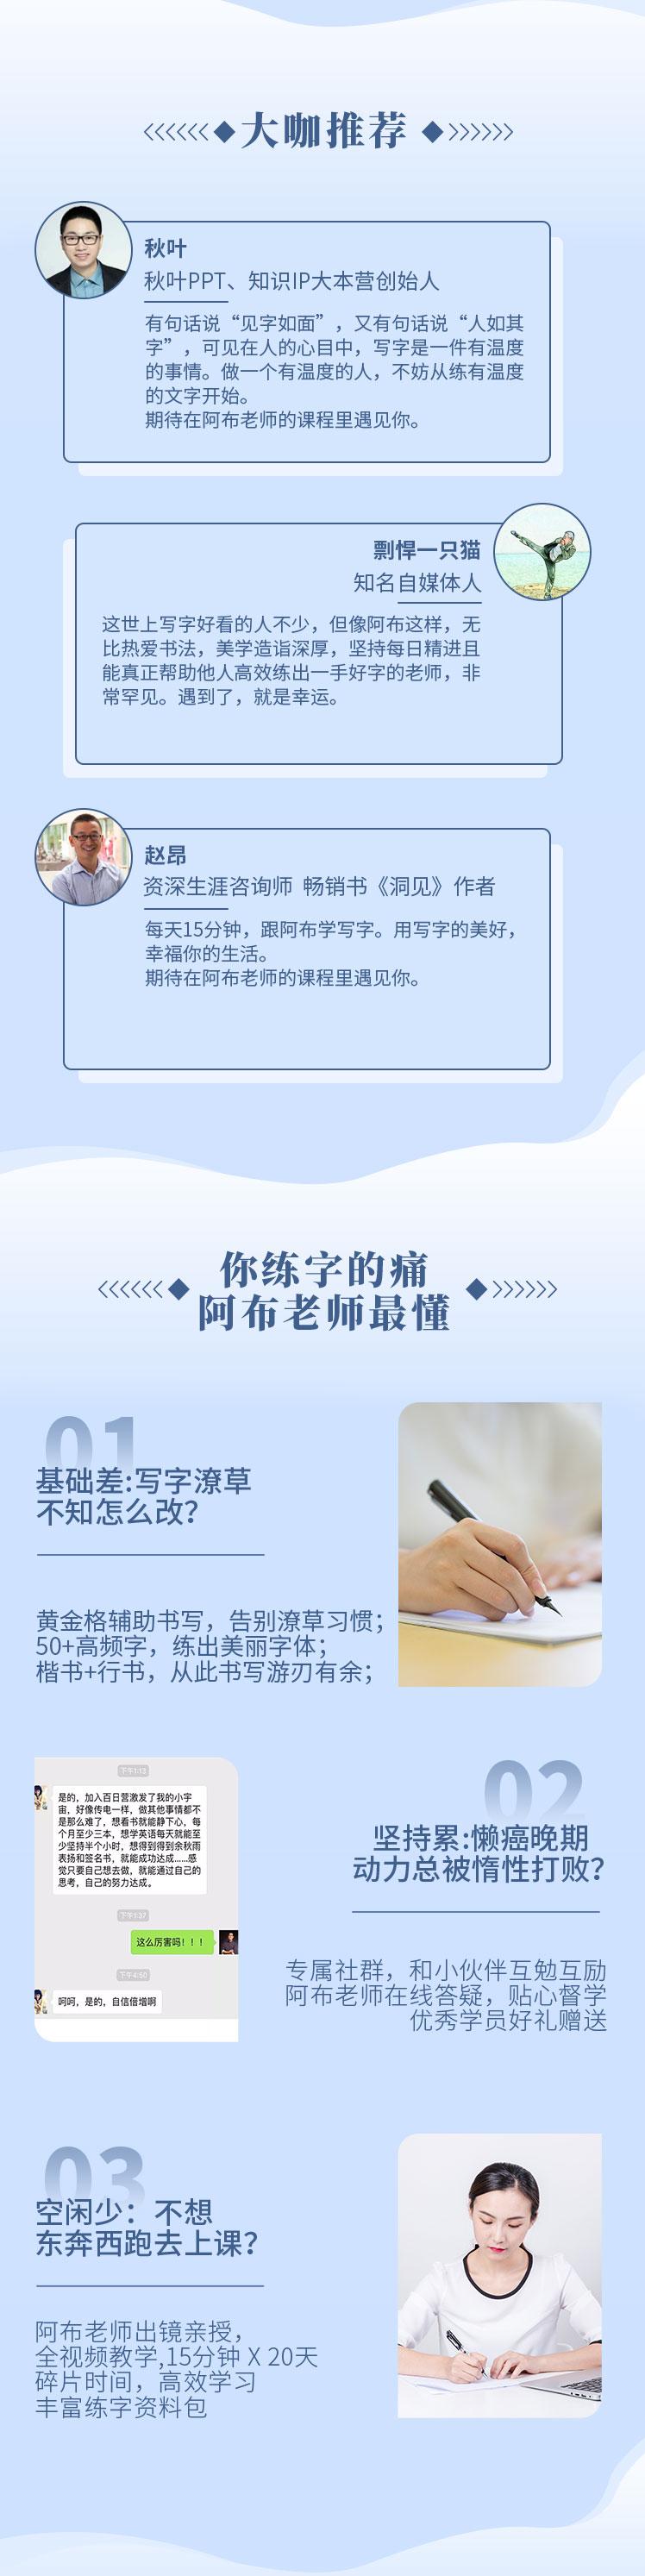 写字课详情页_15.jpg